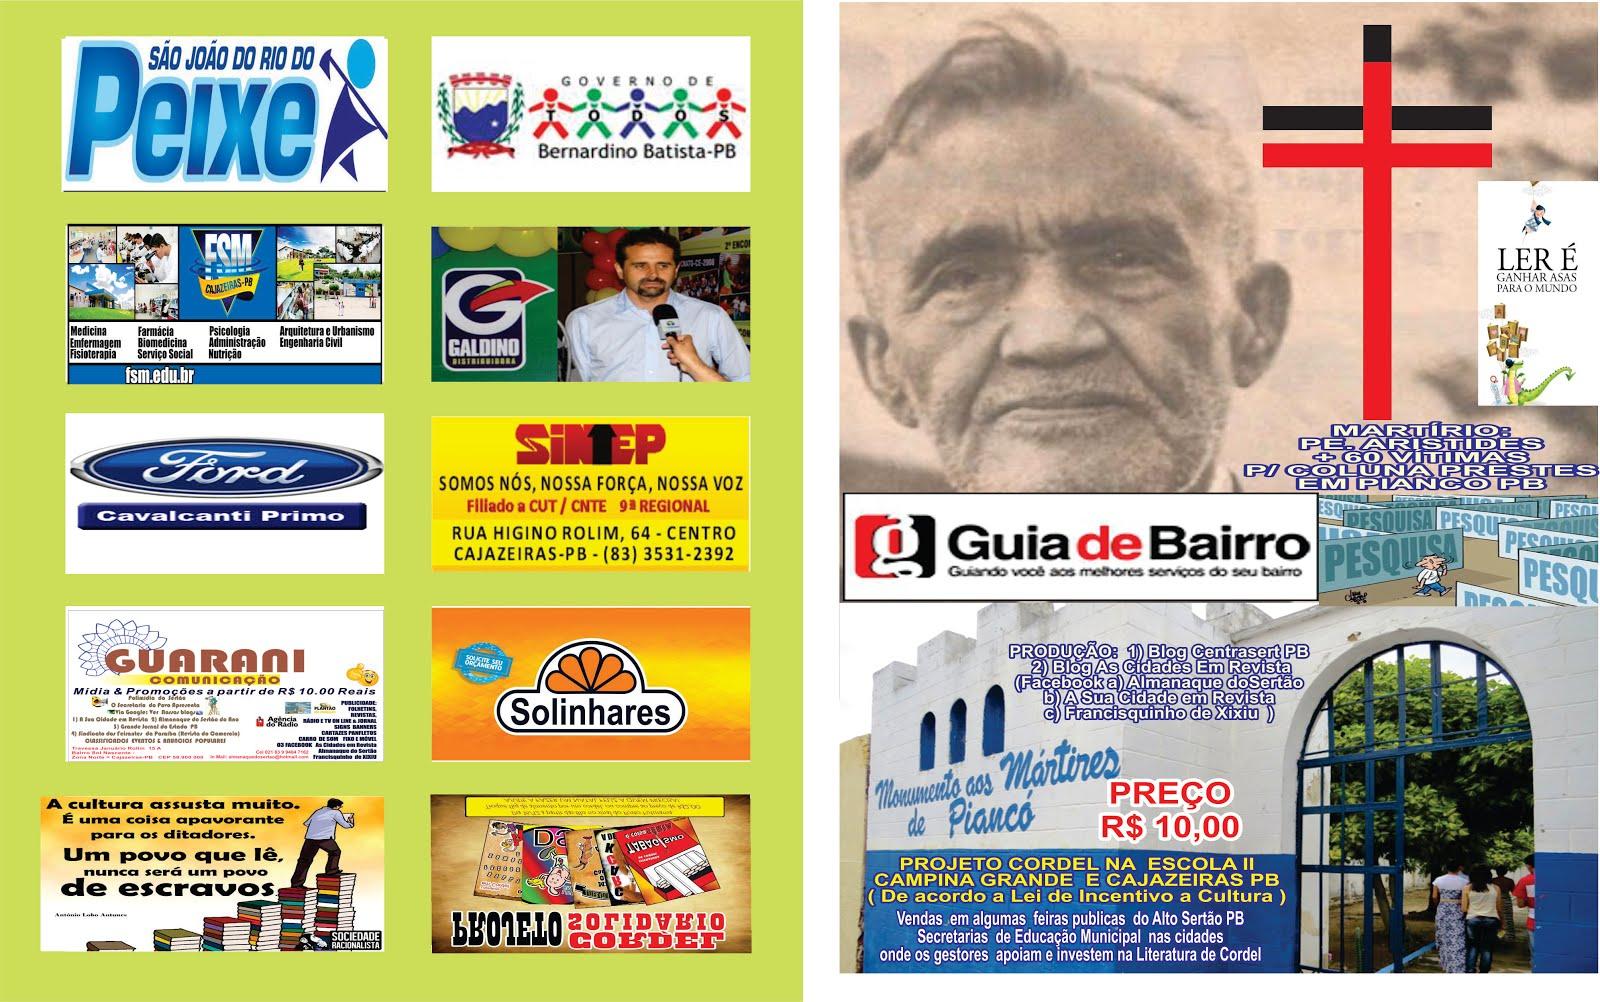 CARTILHA  DO PADRE ARISTIDES DE PIANCO UMA  TERCEIRA  TIRAGEM PARA AS ESCOLAS